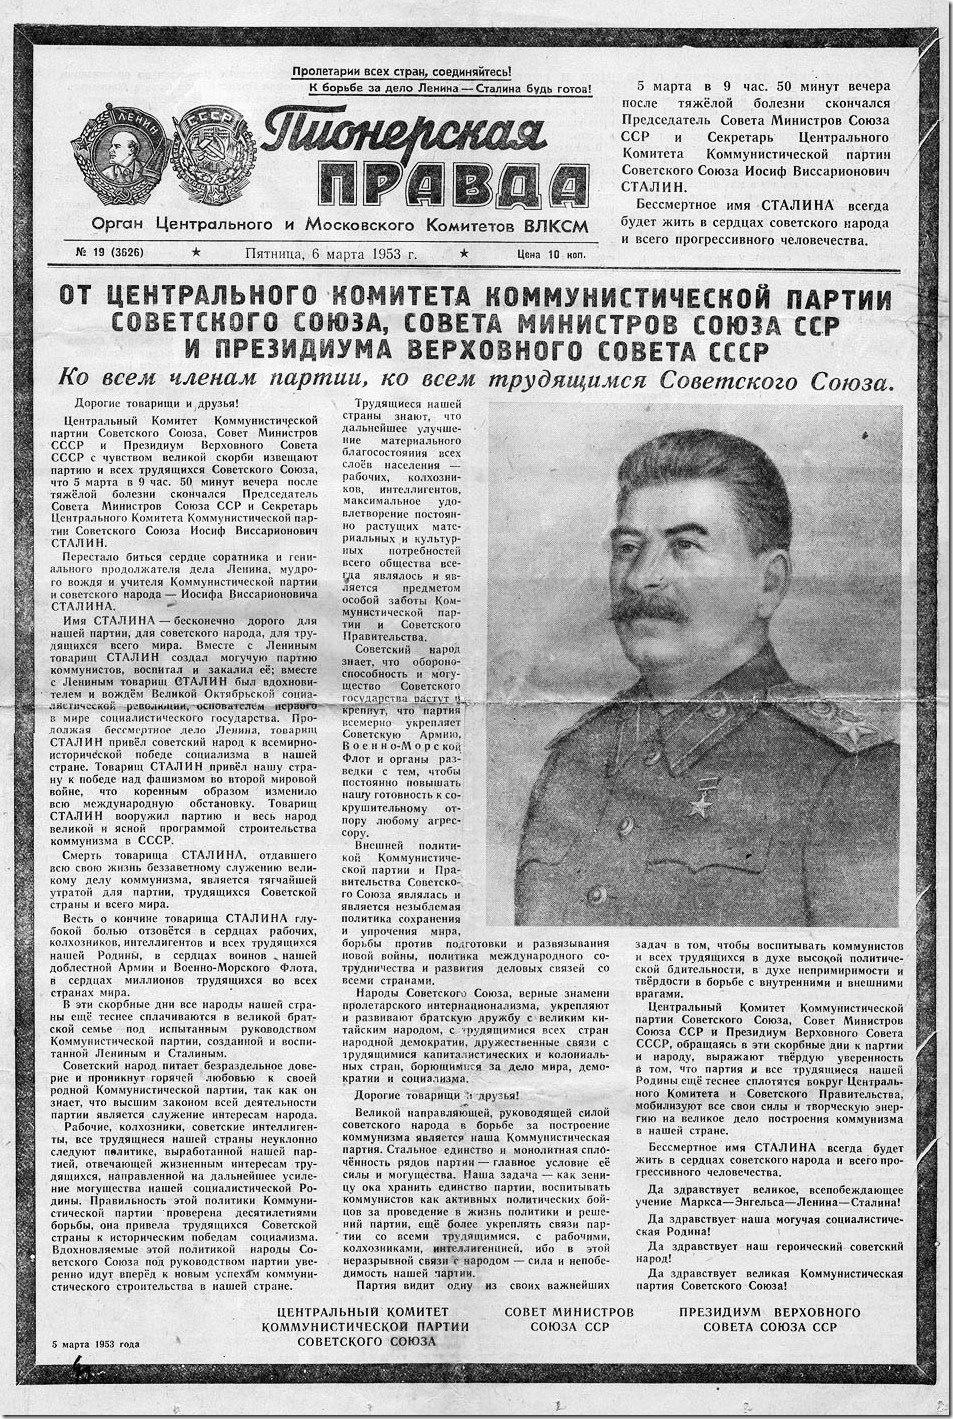 пионерская правда 6 марта 1953 года